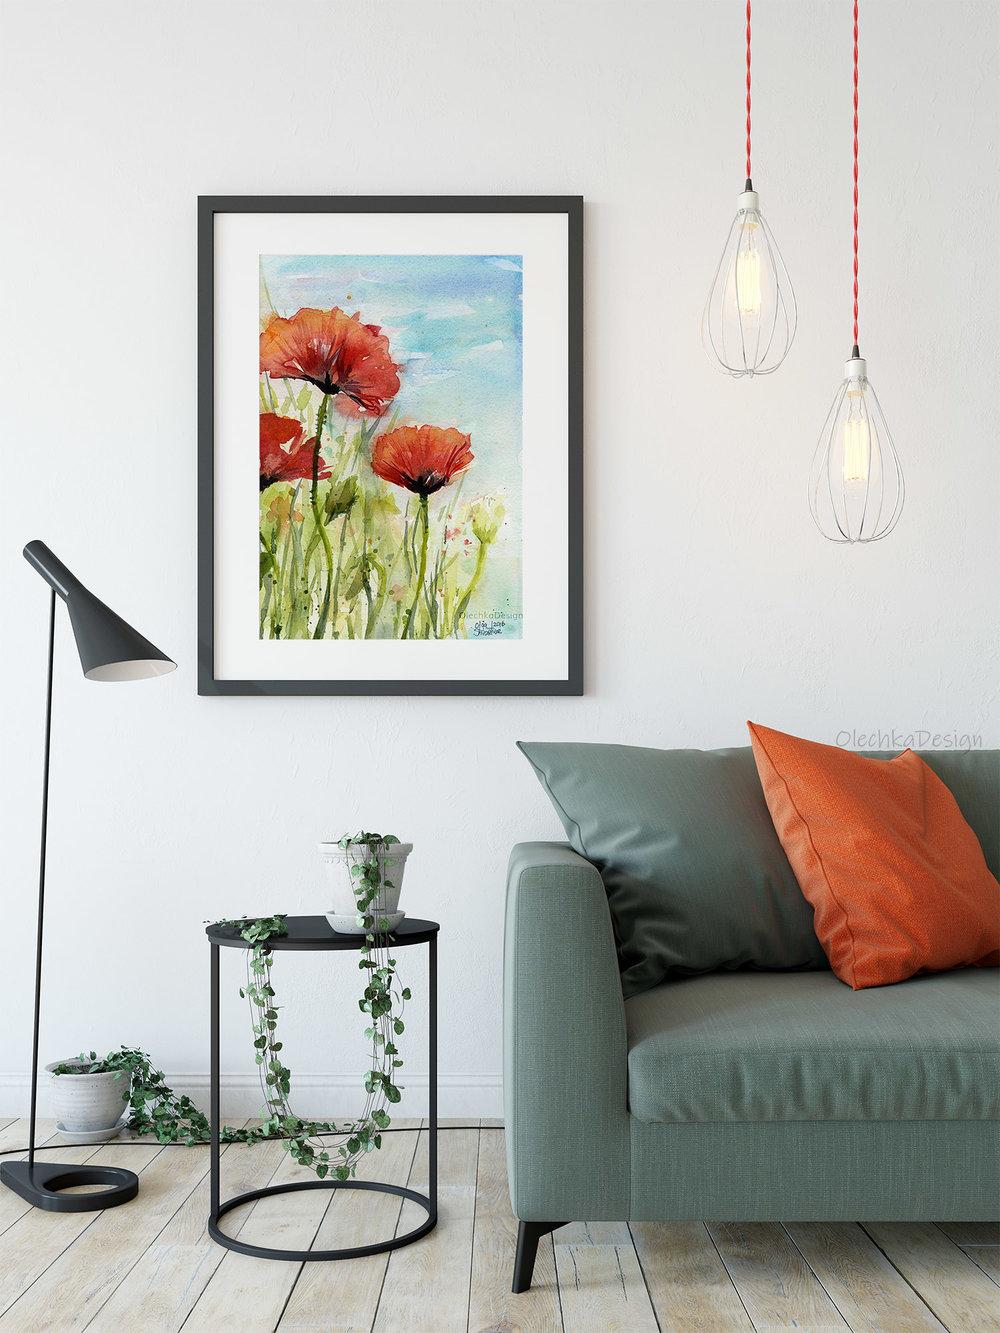 poppies-watercolor-art.jpg